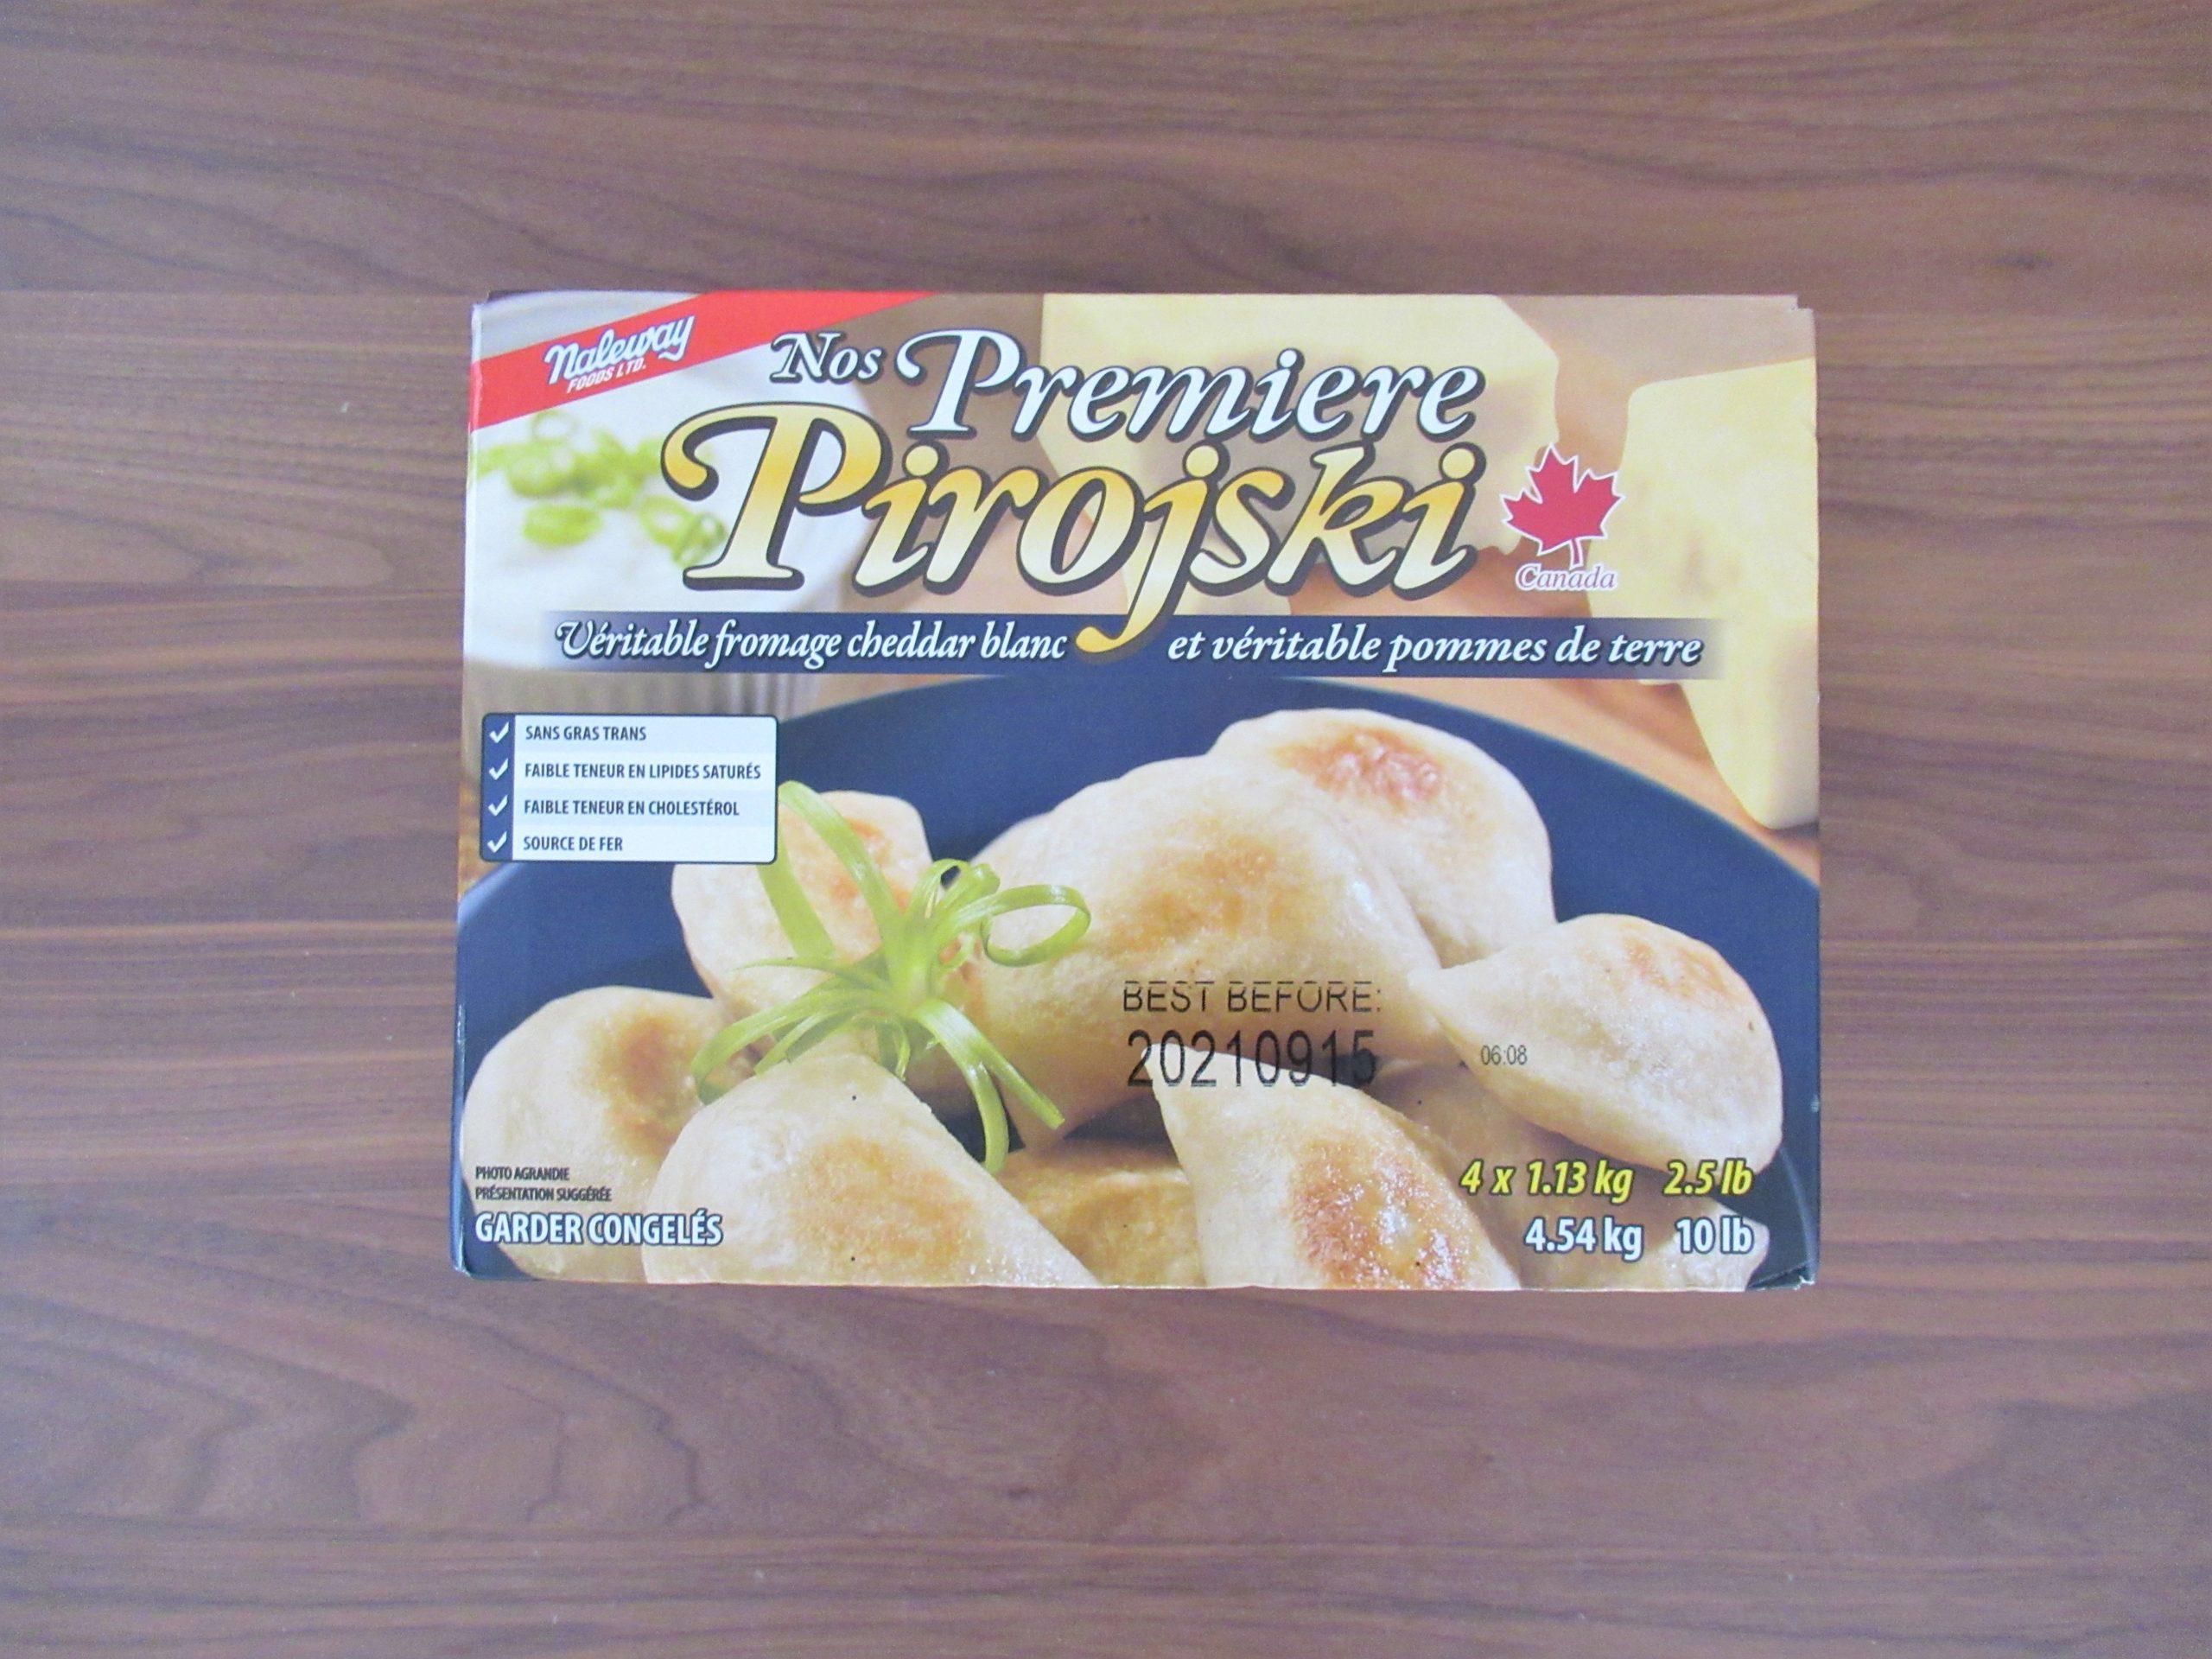 「ピエロギ」の冷凍食品が便利!子どもが大好きポテトとチーズであと1品にオススメ|ラク家事ブログ